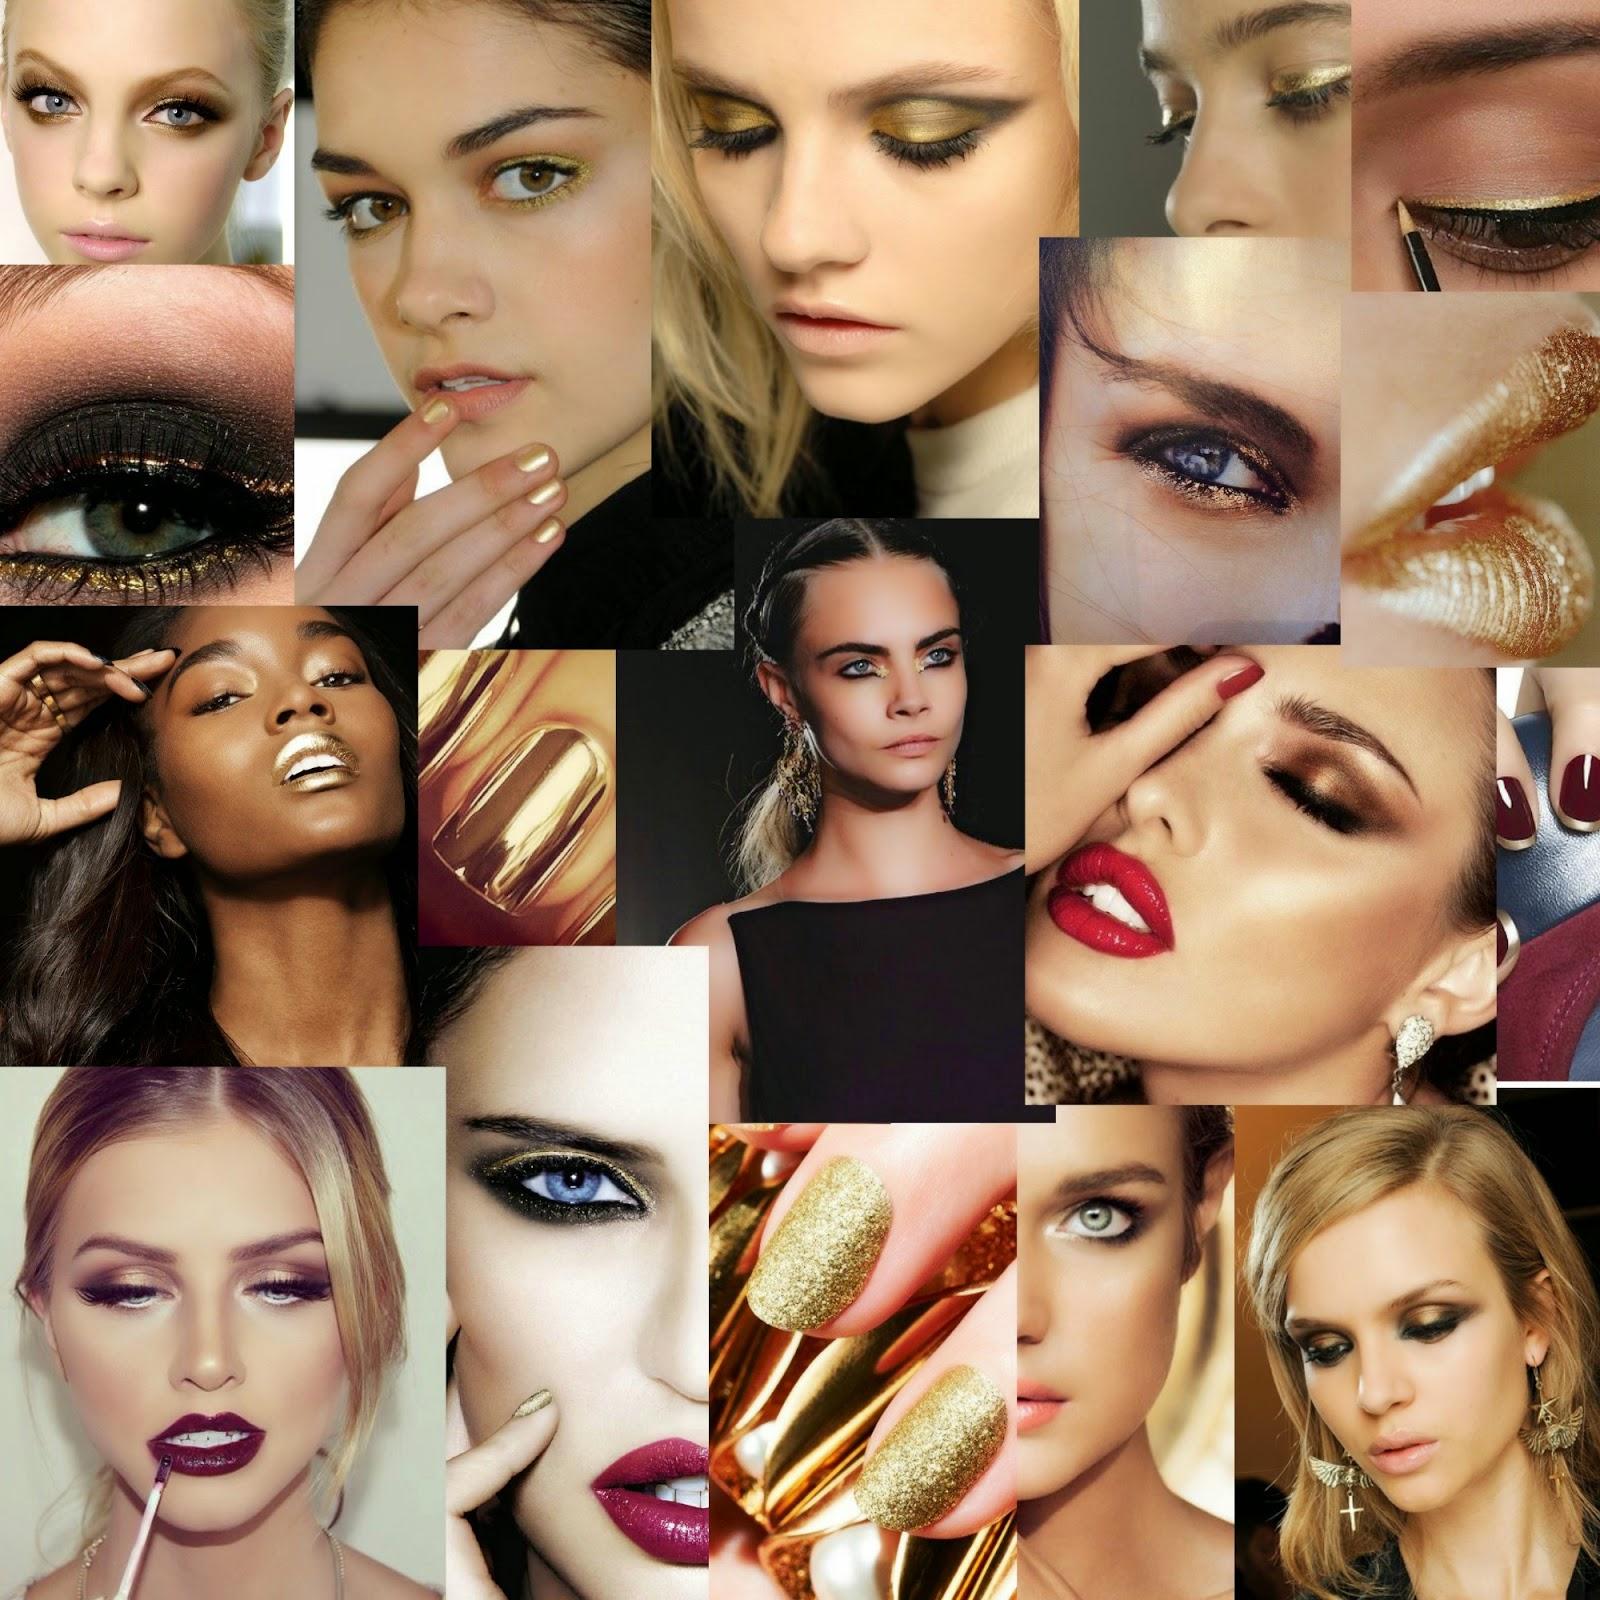 Maquillaje Dorado. Maquillaje Nochevieja. Golden Beauty. Ojos dorados. Uñas doradas. Uñas metalizadas. Uñas metálicas. Uñas francesas enn dorado